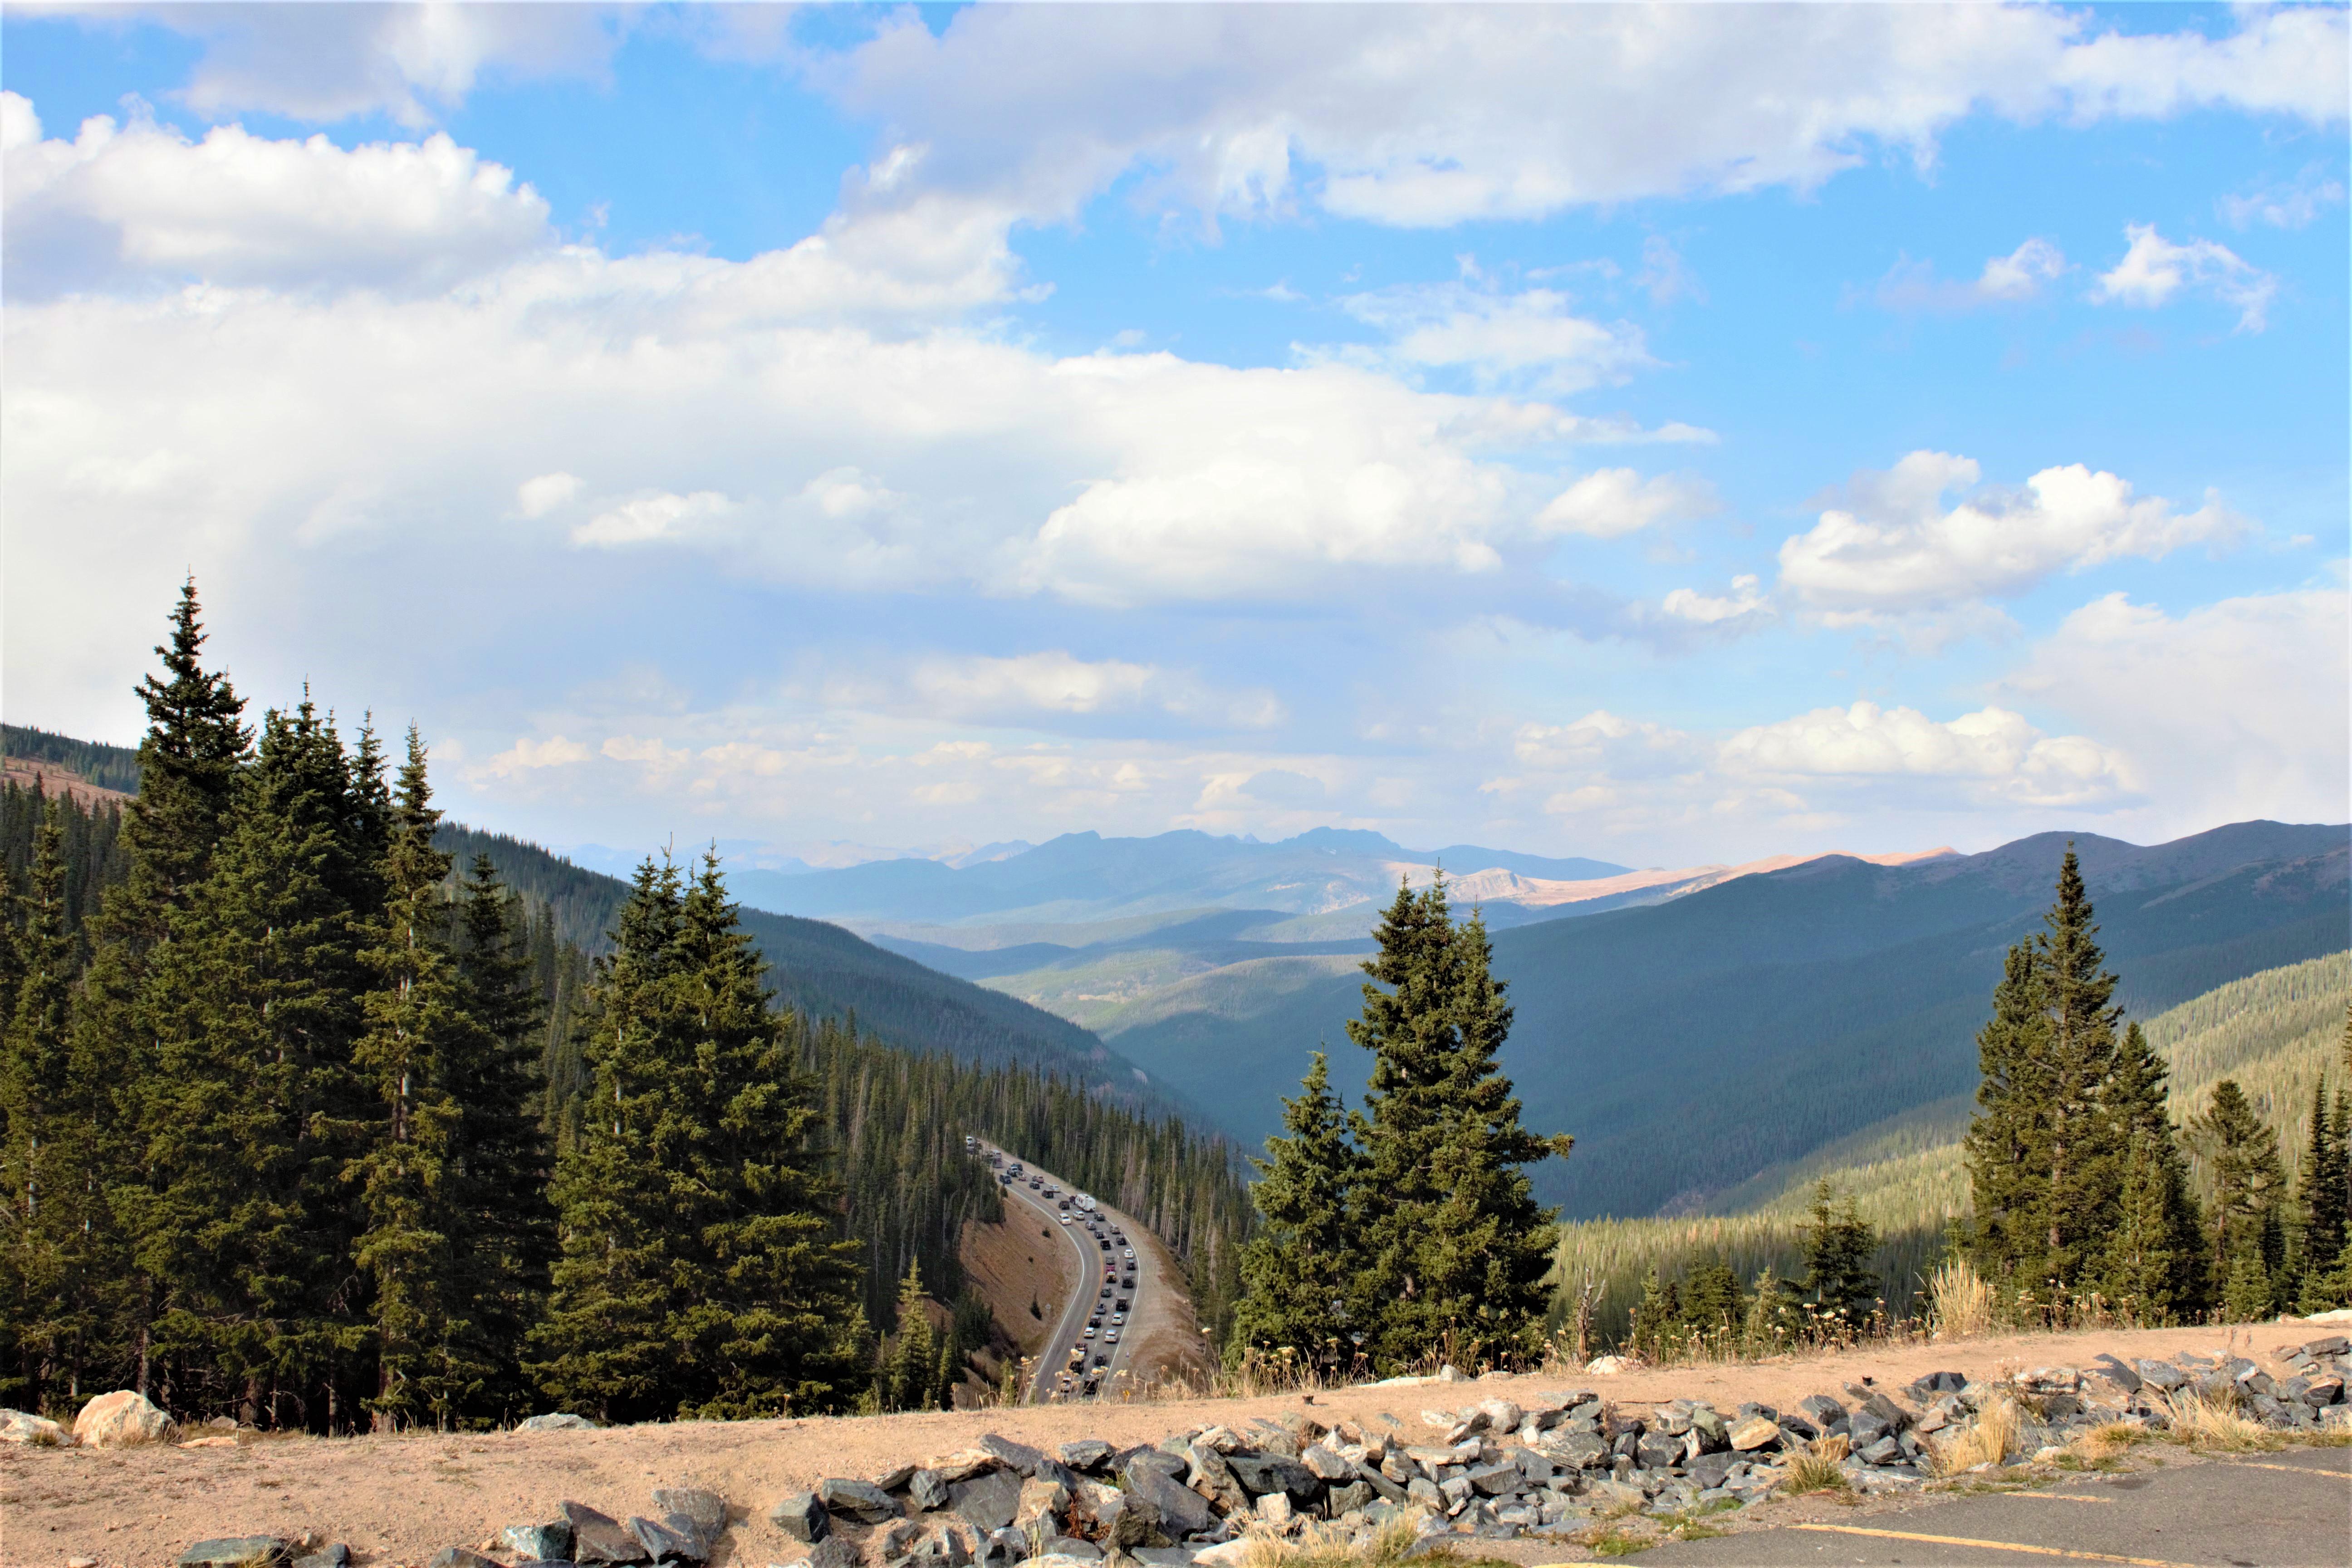 Mountain View heading to GC